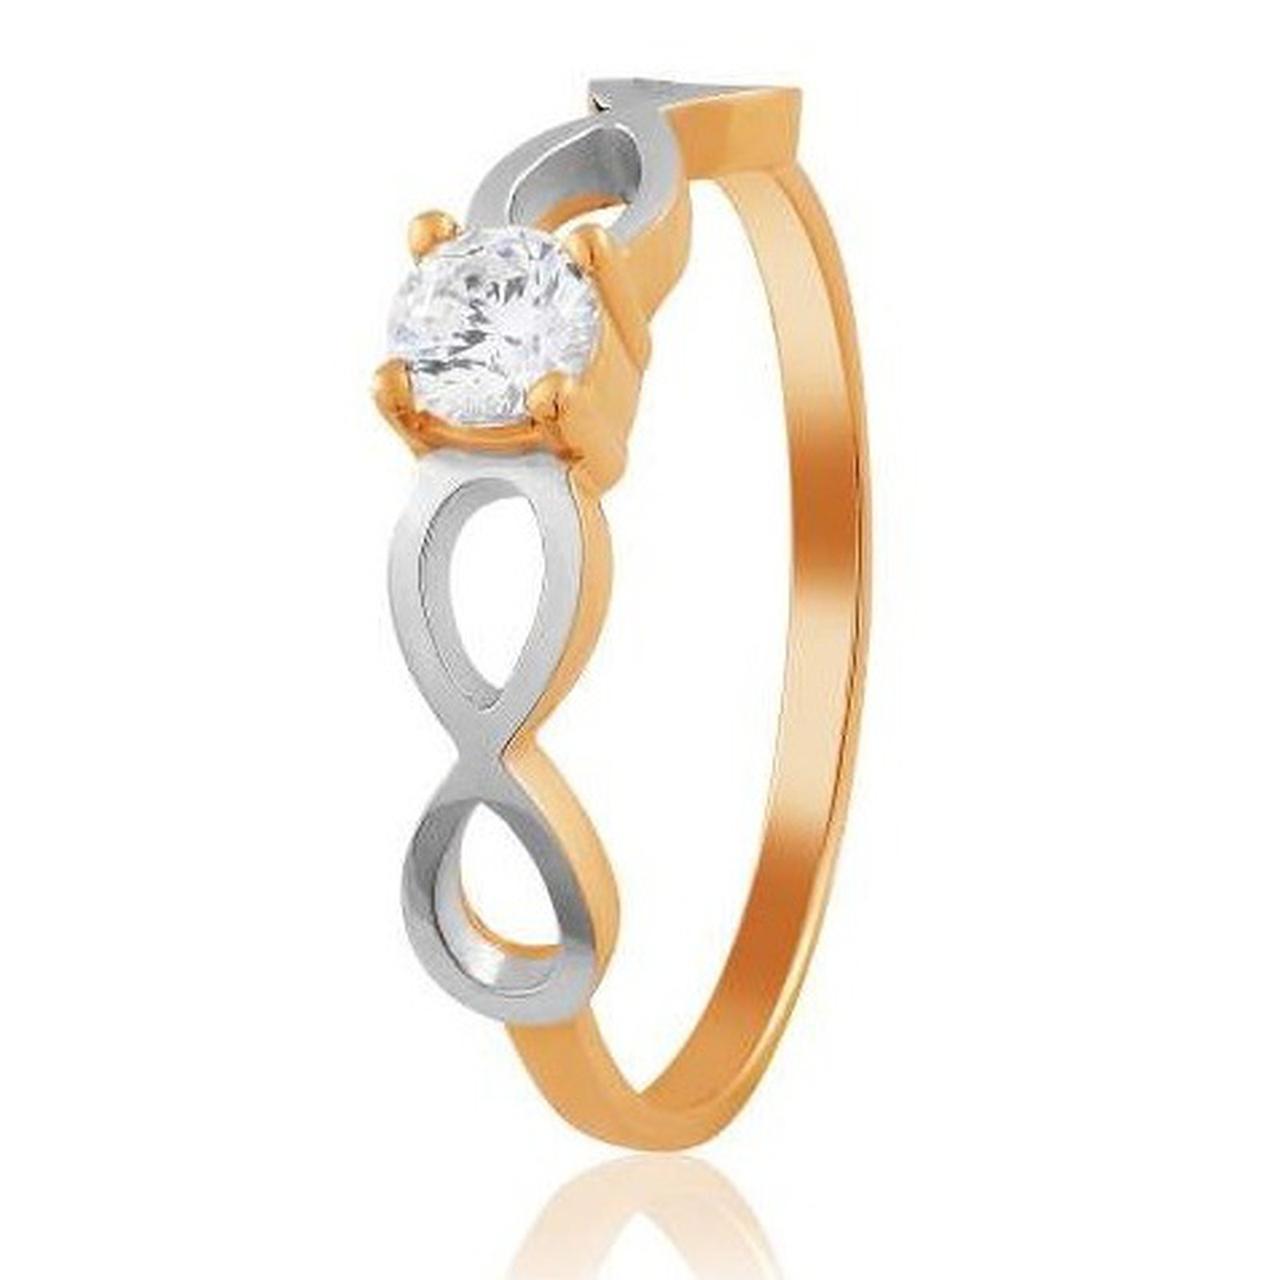 Золотое кольцо с Swarovski Zirconia, размер 16 (1704303)